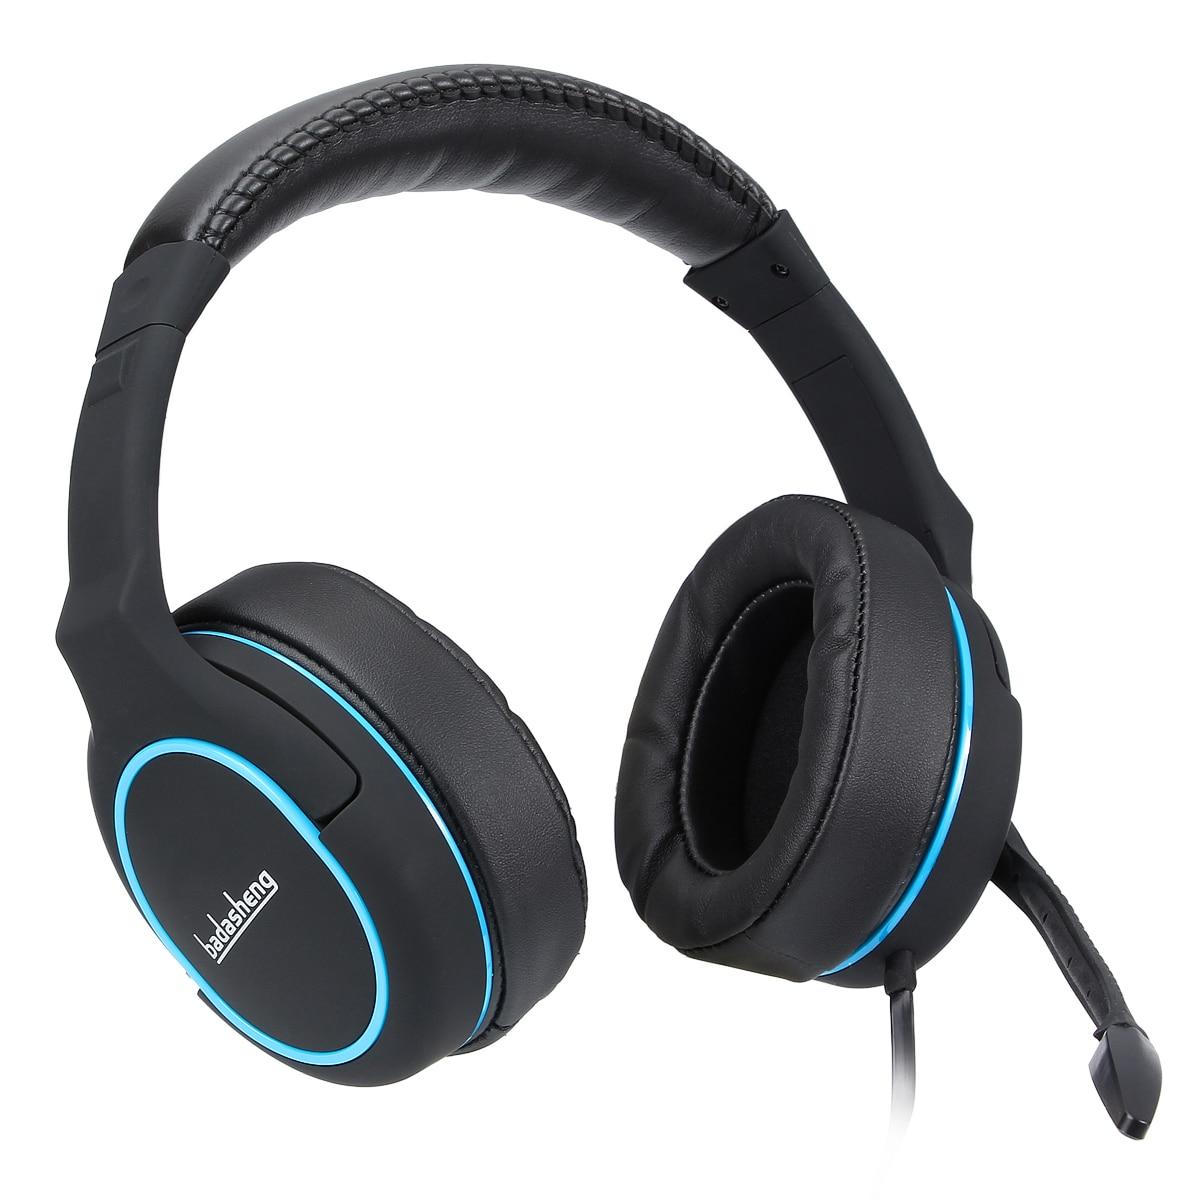 سماعة رأس سلكية للألعاب ، USB 7.1 ، لأجهزة PS4 ، xboxone ، الهاتف الذكي ، xiaomi ، سماعة رأس ستريو للاعبين ، مع 7.1 قناة